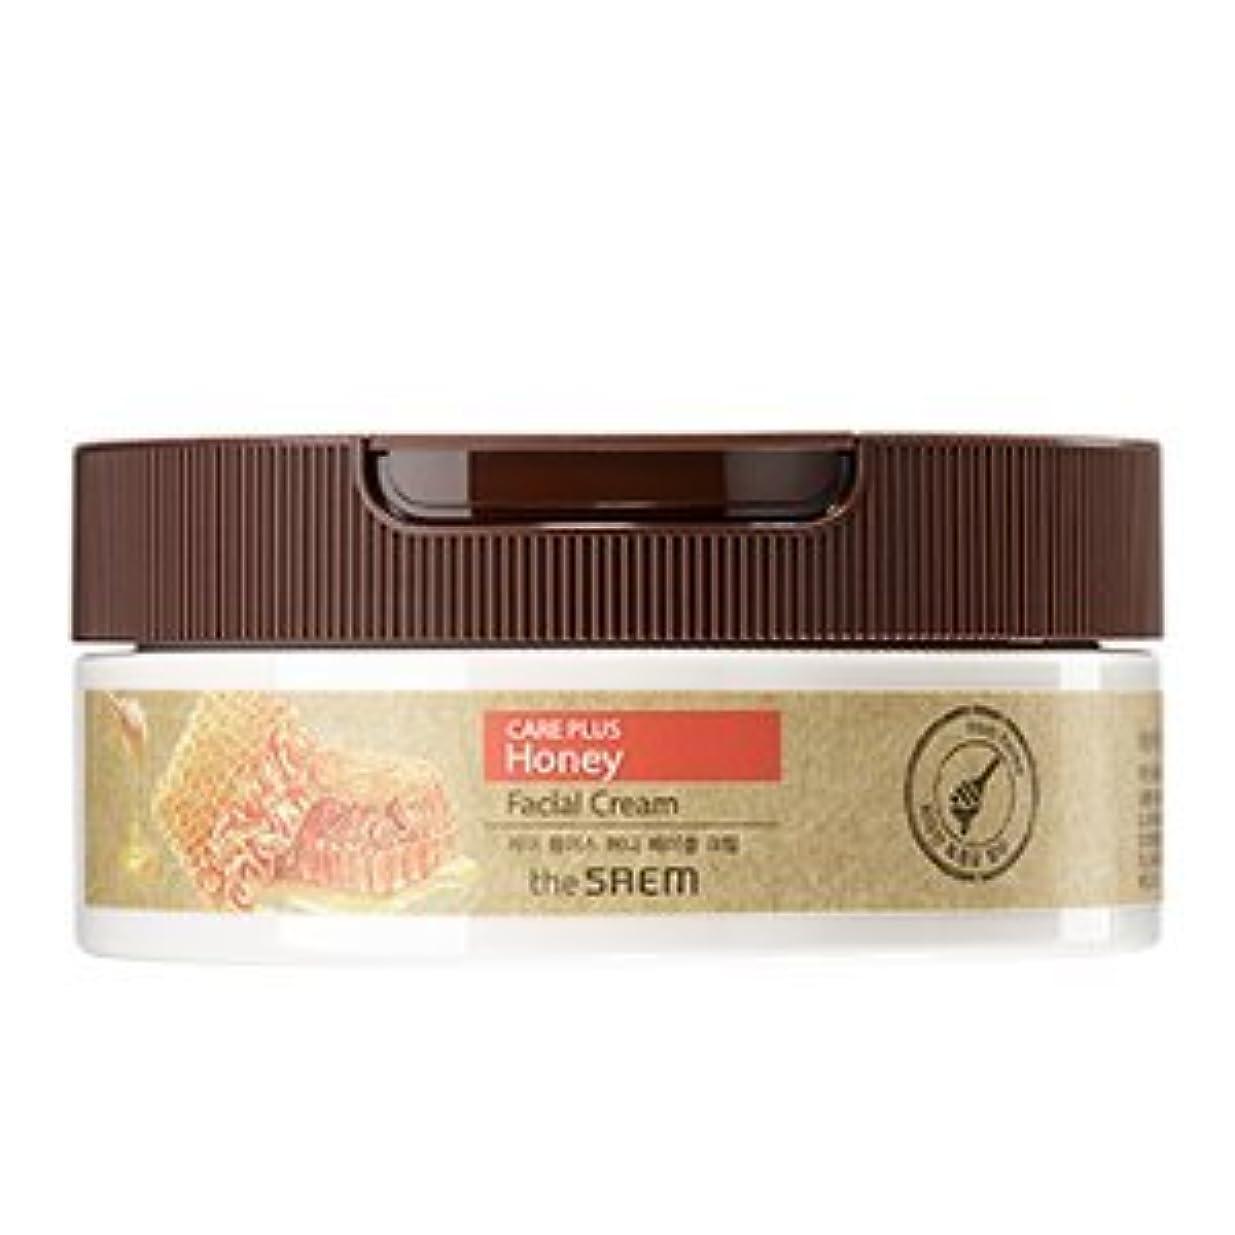 パーセントマエストロ日焼けthe SAEM Care Plus Honey Facial Cream 200ml/ザセム ケア プラス ハニー フェイシャル クリーム 200ml [並行輸入品]